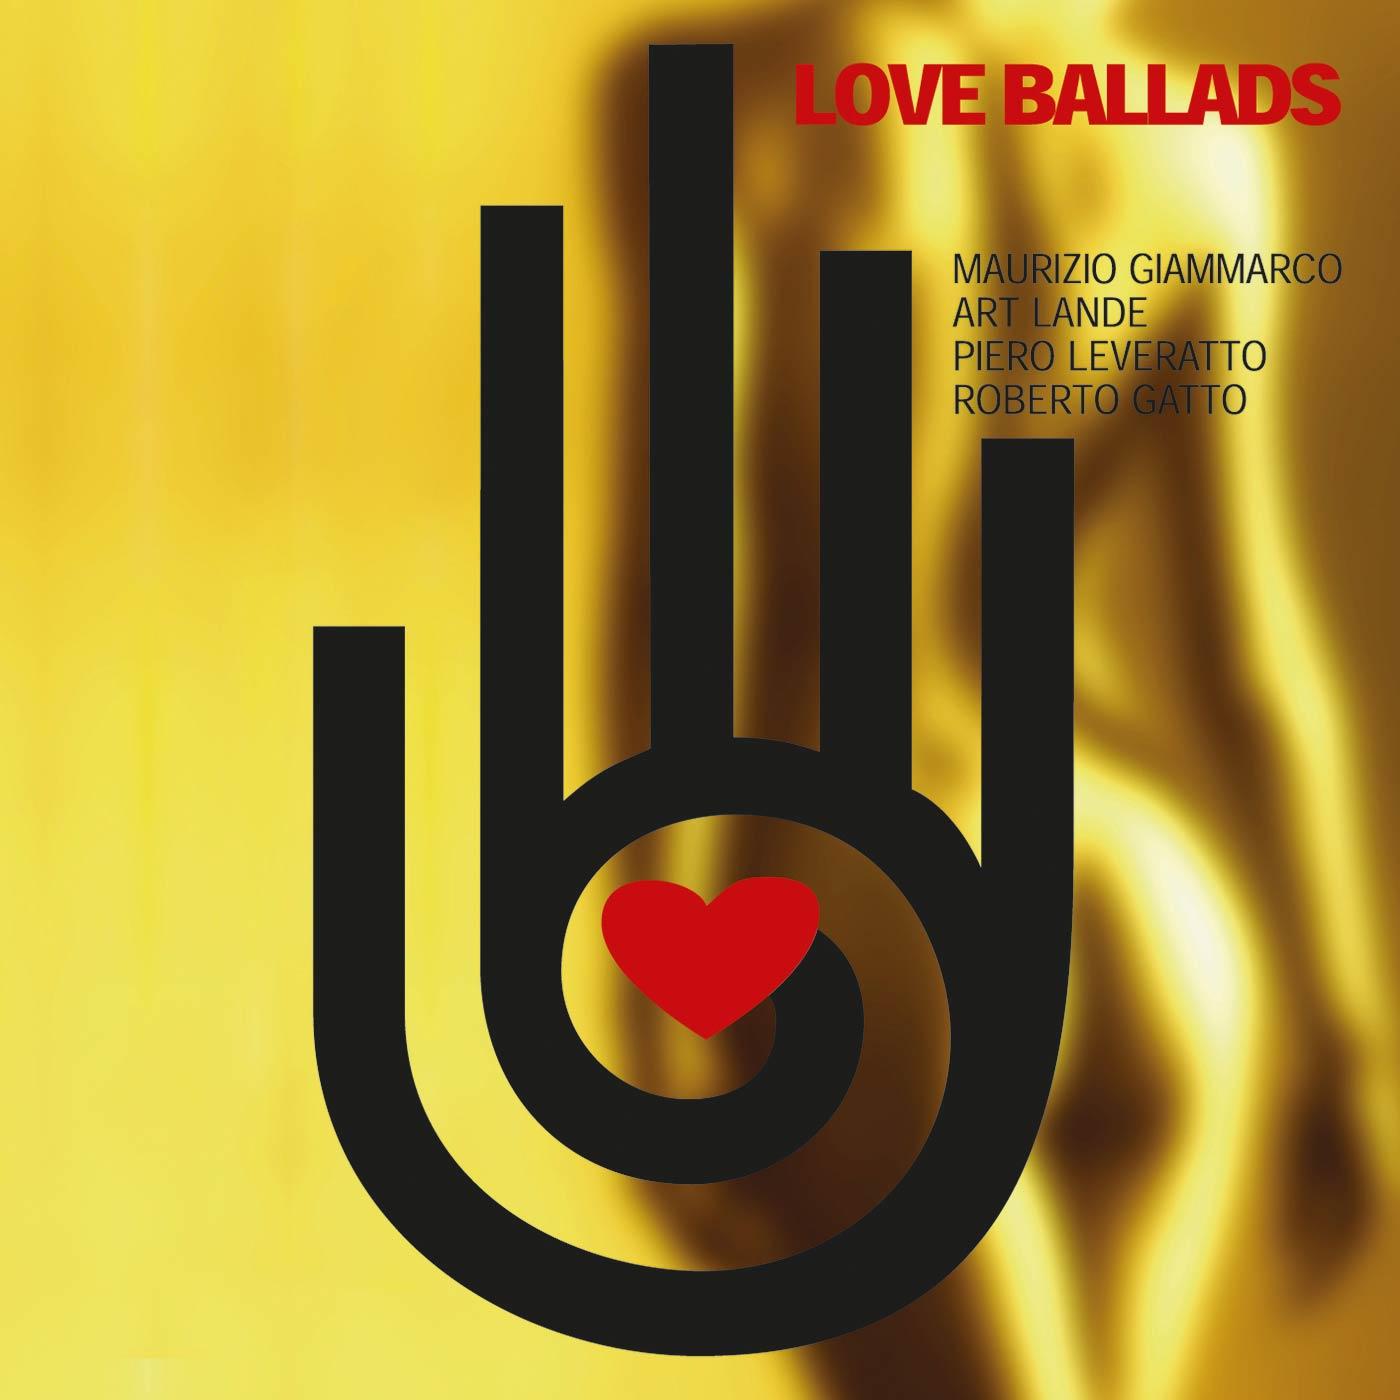 Love Ballads - Maurizio Giammarco Quartet